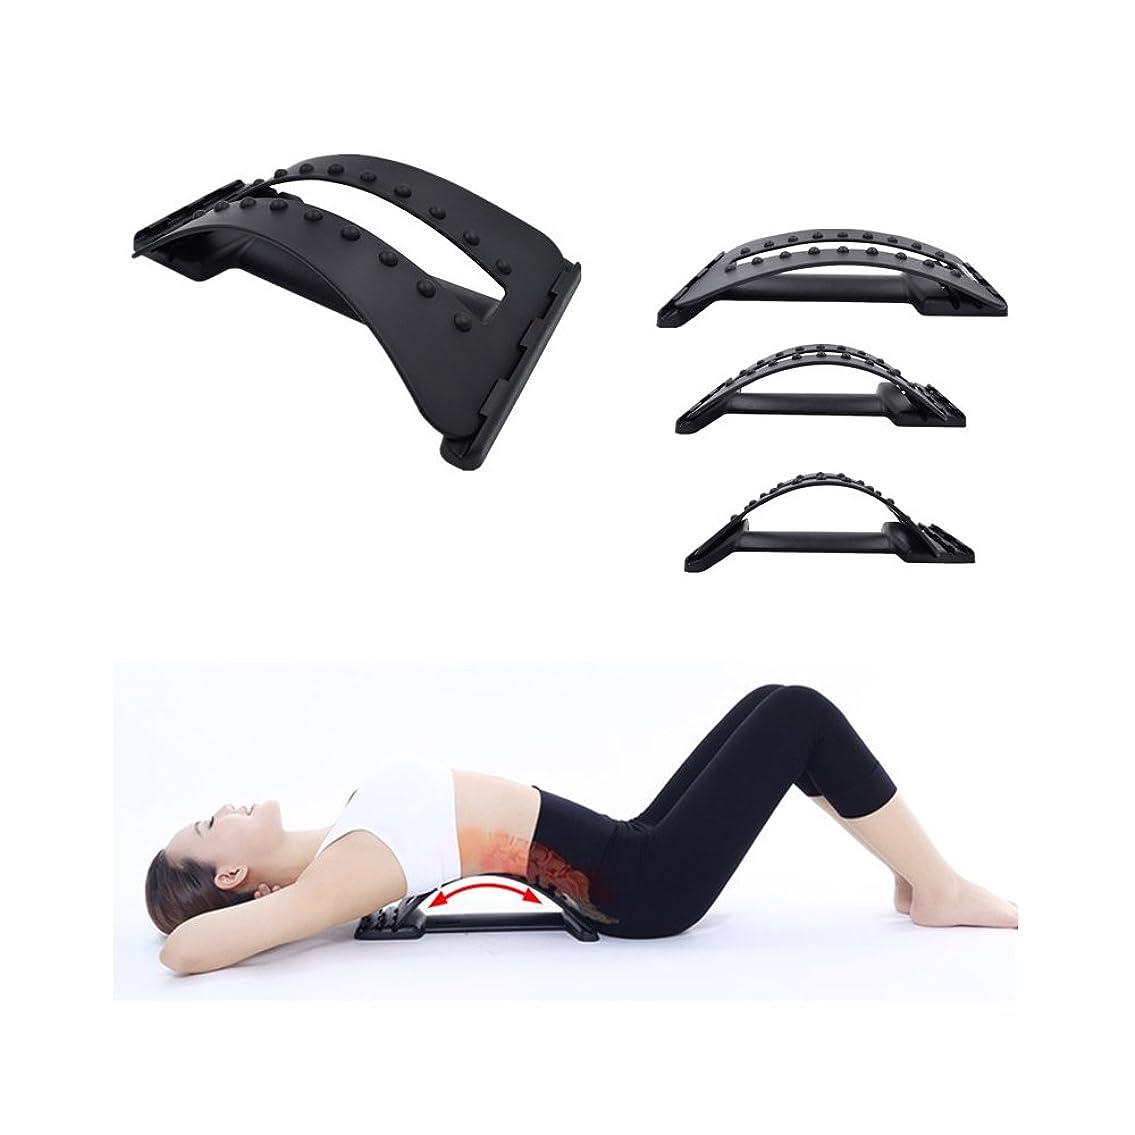 請求書生じる急降下Decdeal フィットネスストレッチ装置 背中マッサージ器 マジック伸縮器 腰椎サポート リラクゼーションメイト カイロプラクター